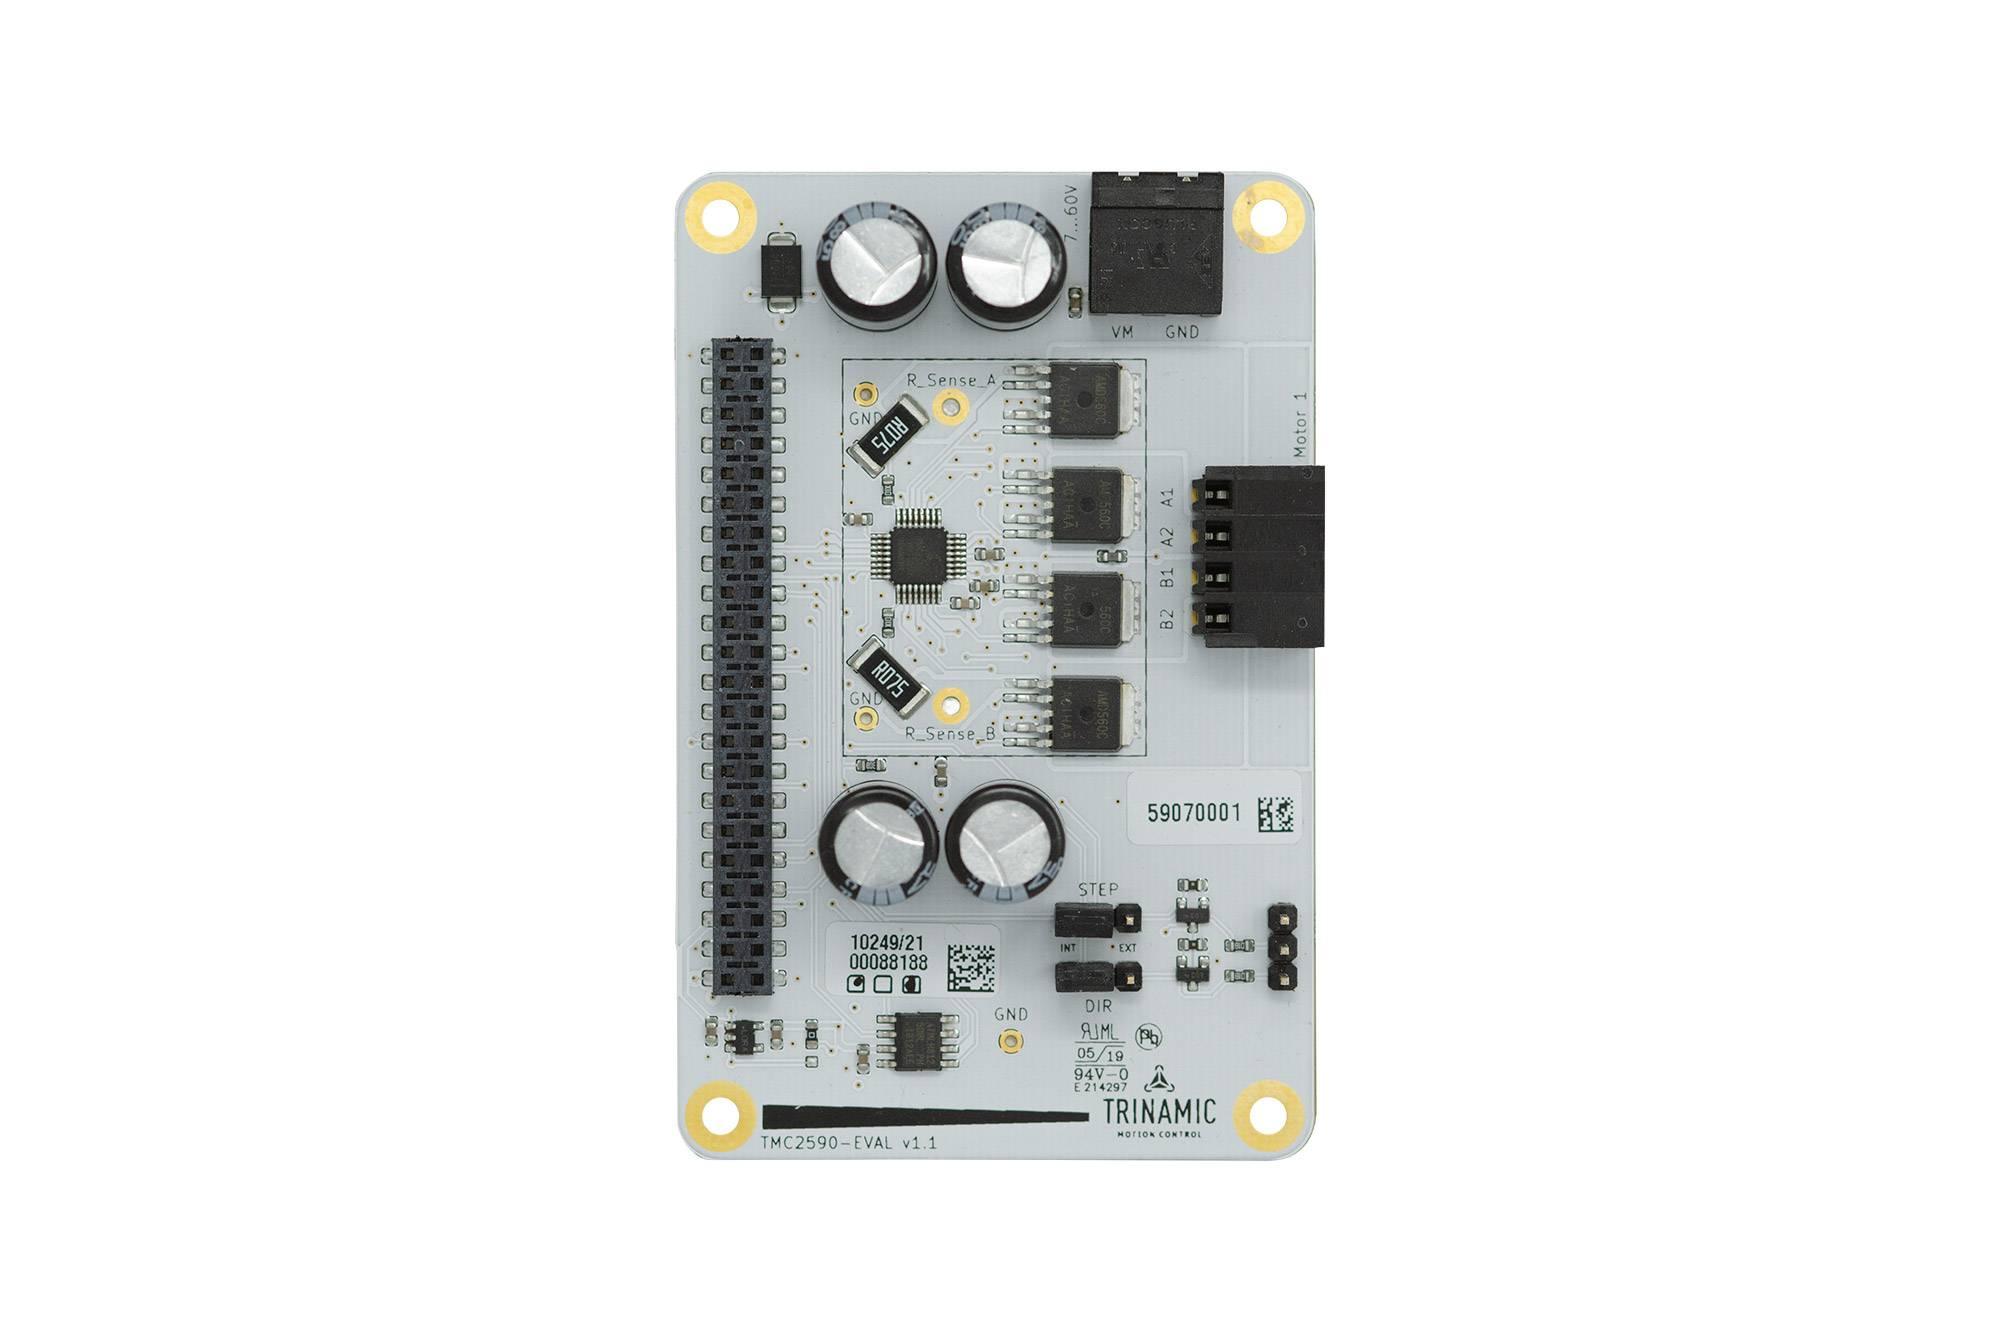 TMC2590-EVAL